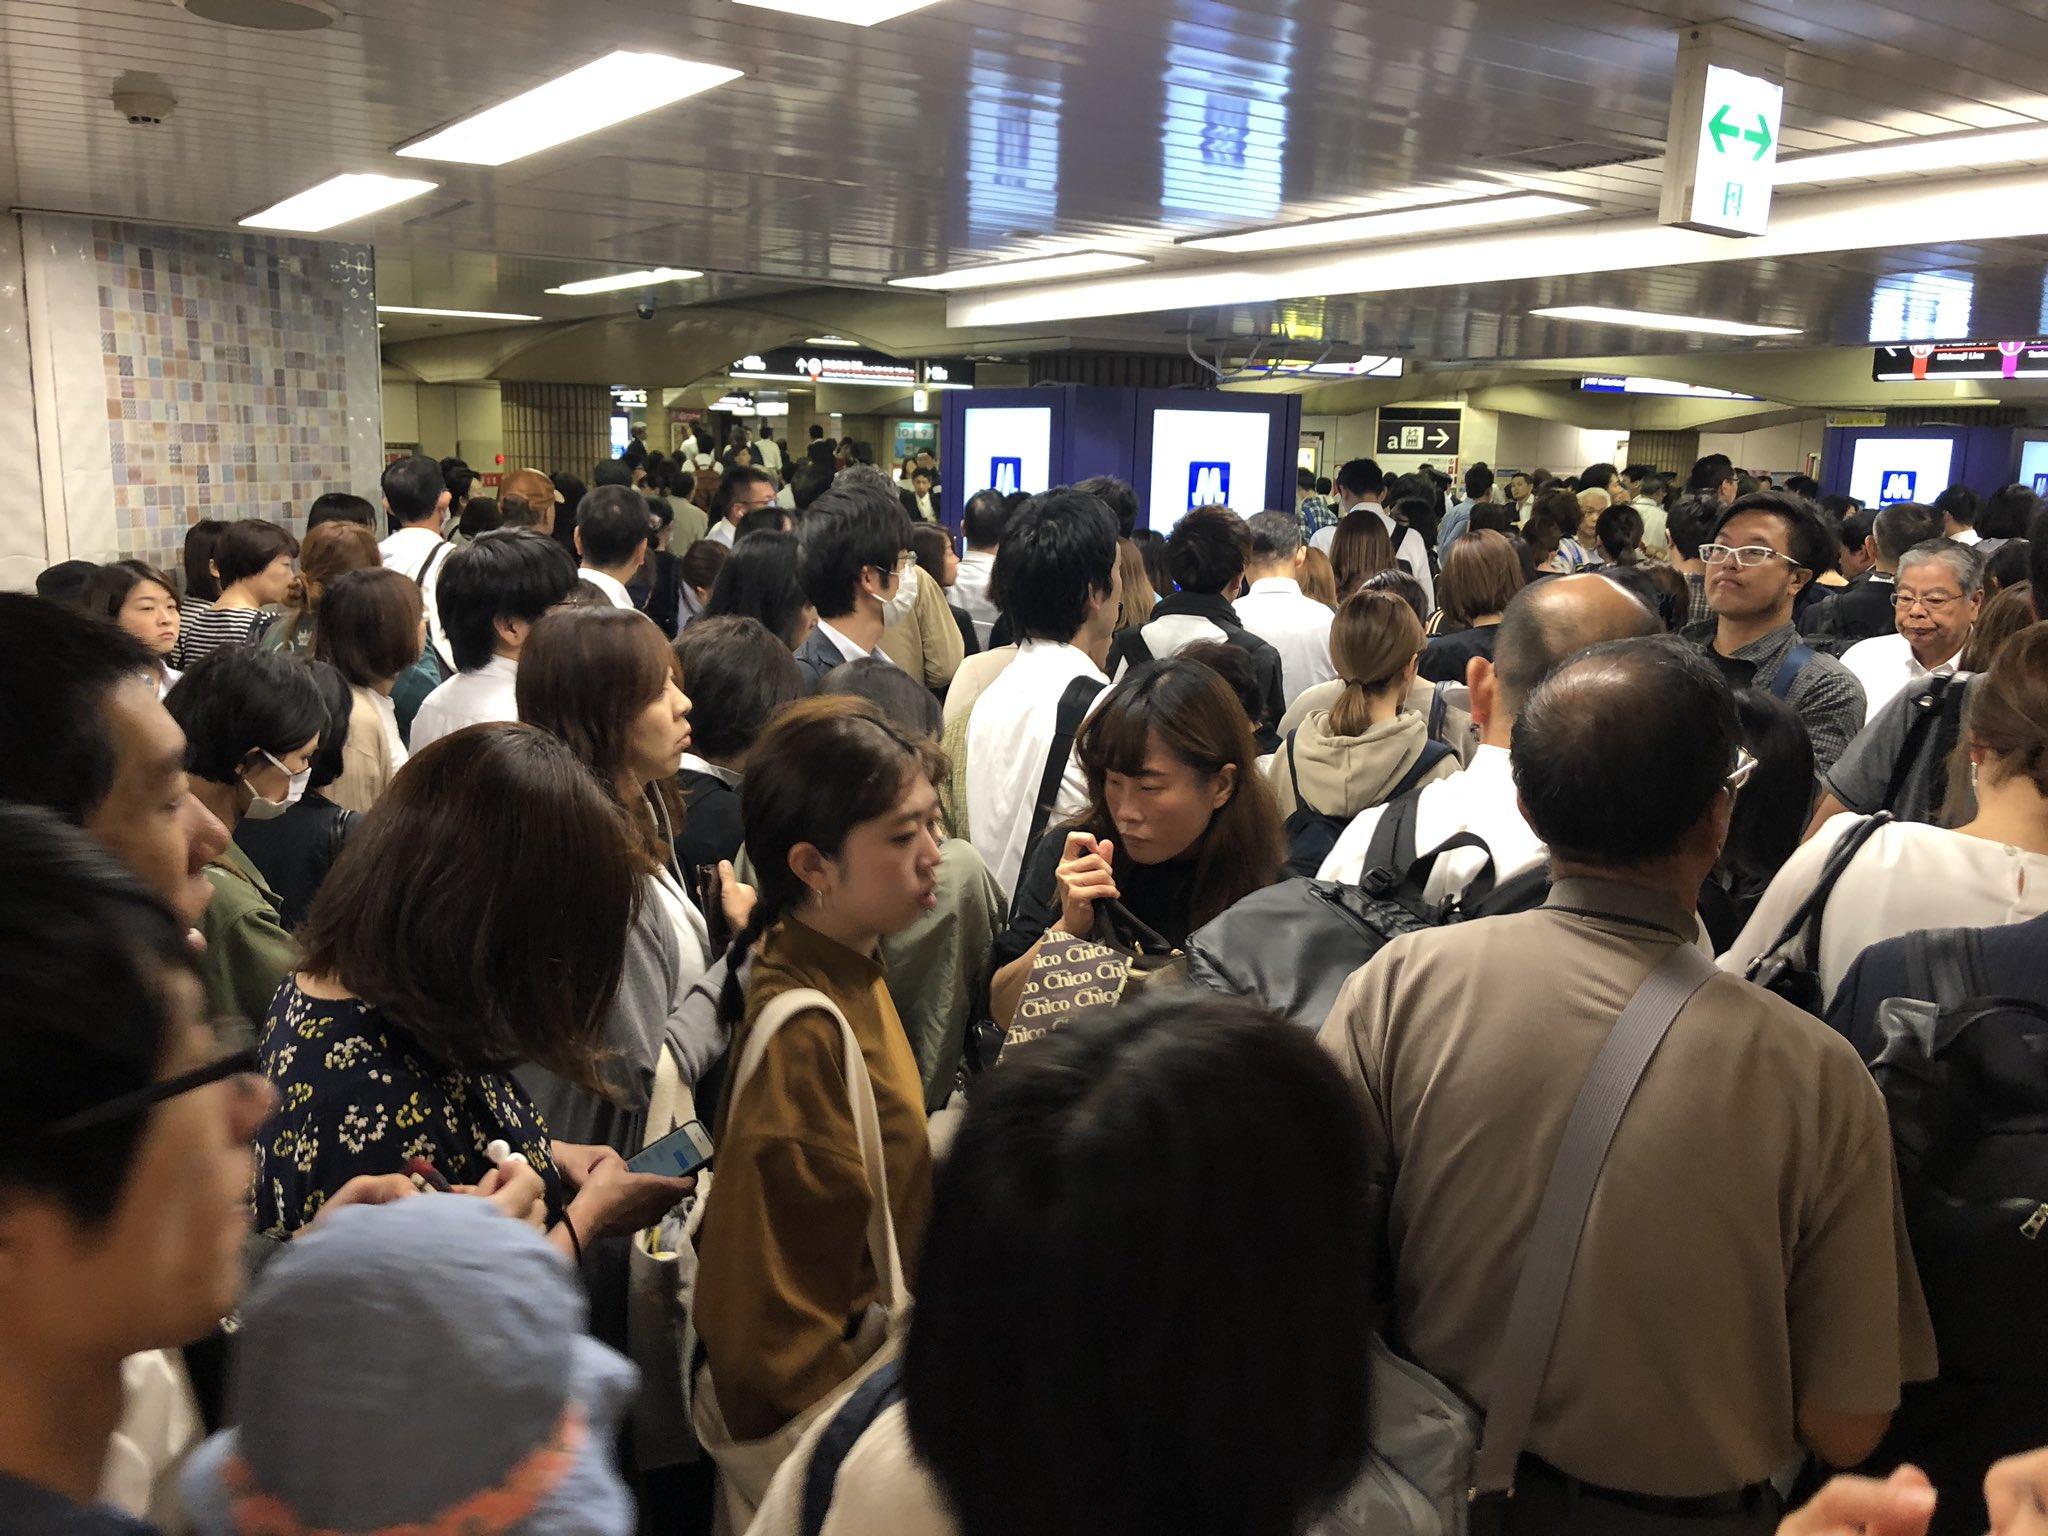 画像,昭和町で人身事故、御堂筋線全線ストップ。谷町線に移動するが、待つか、悩みどころです。 https://t.co/v3OZvD5nQO…